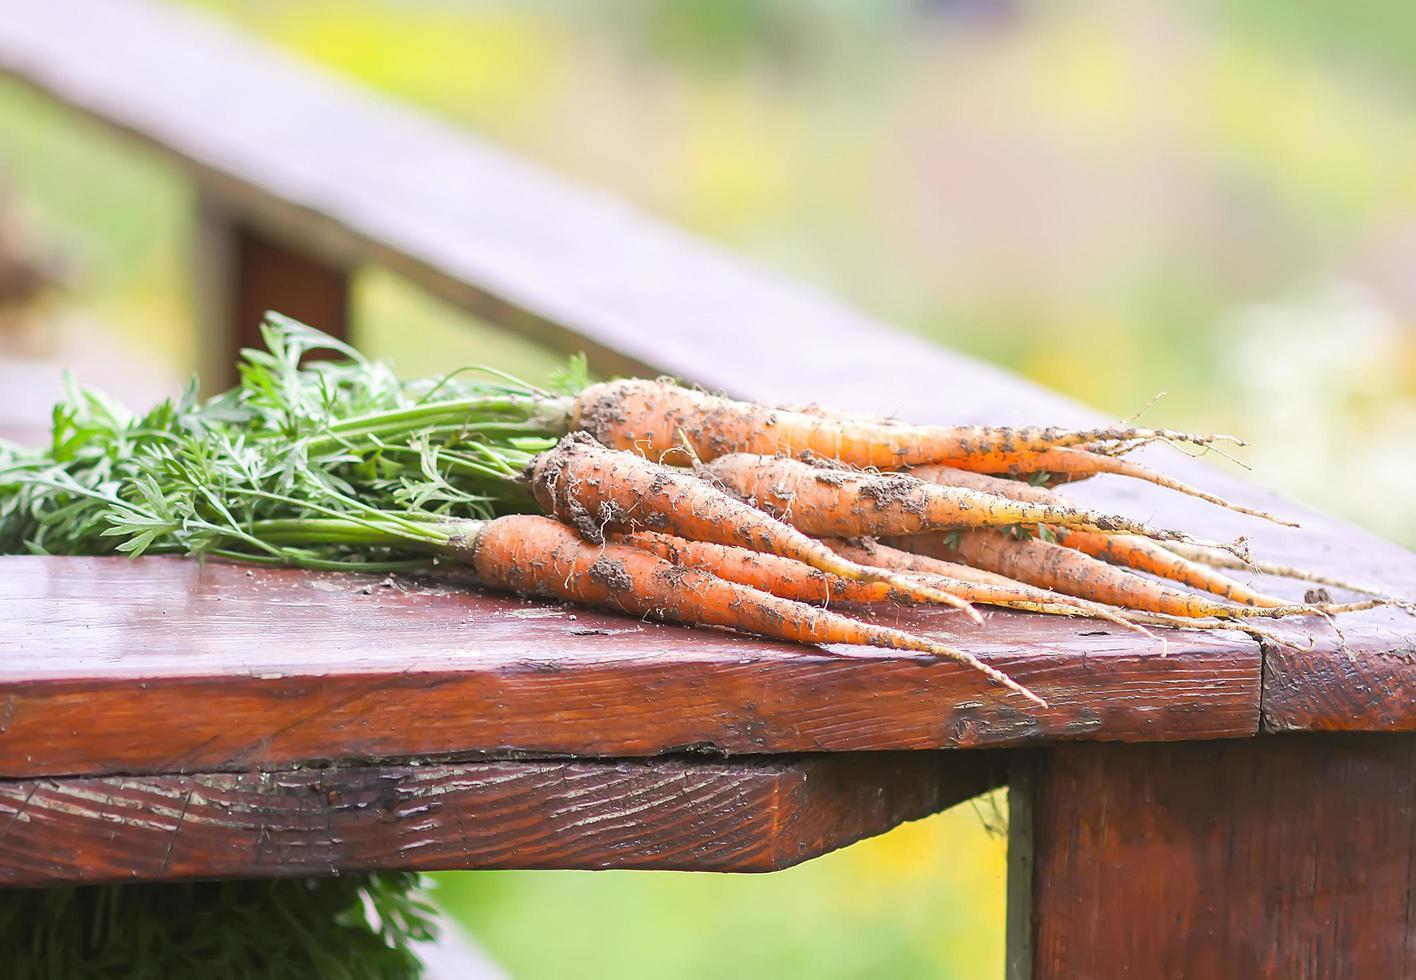 carottes cueillies dans le jardin photo